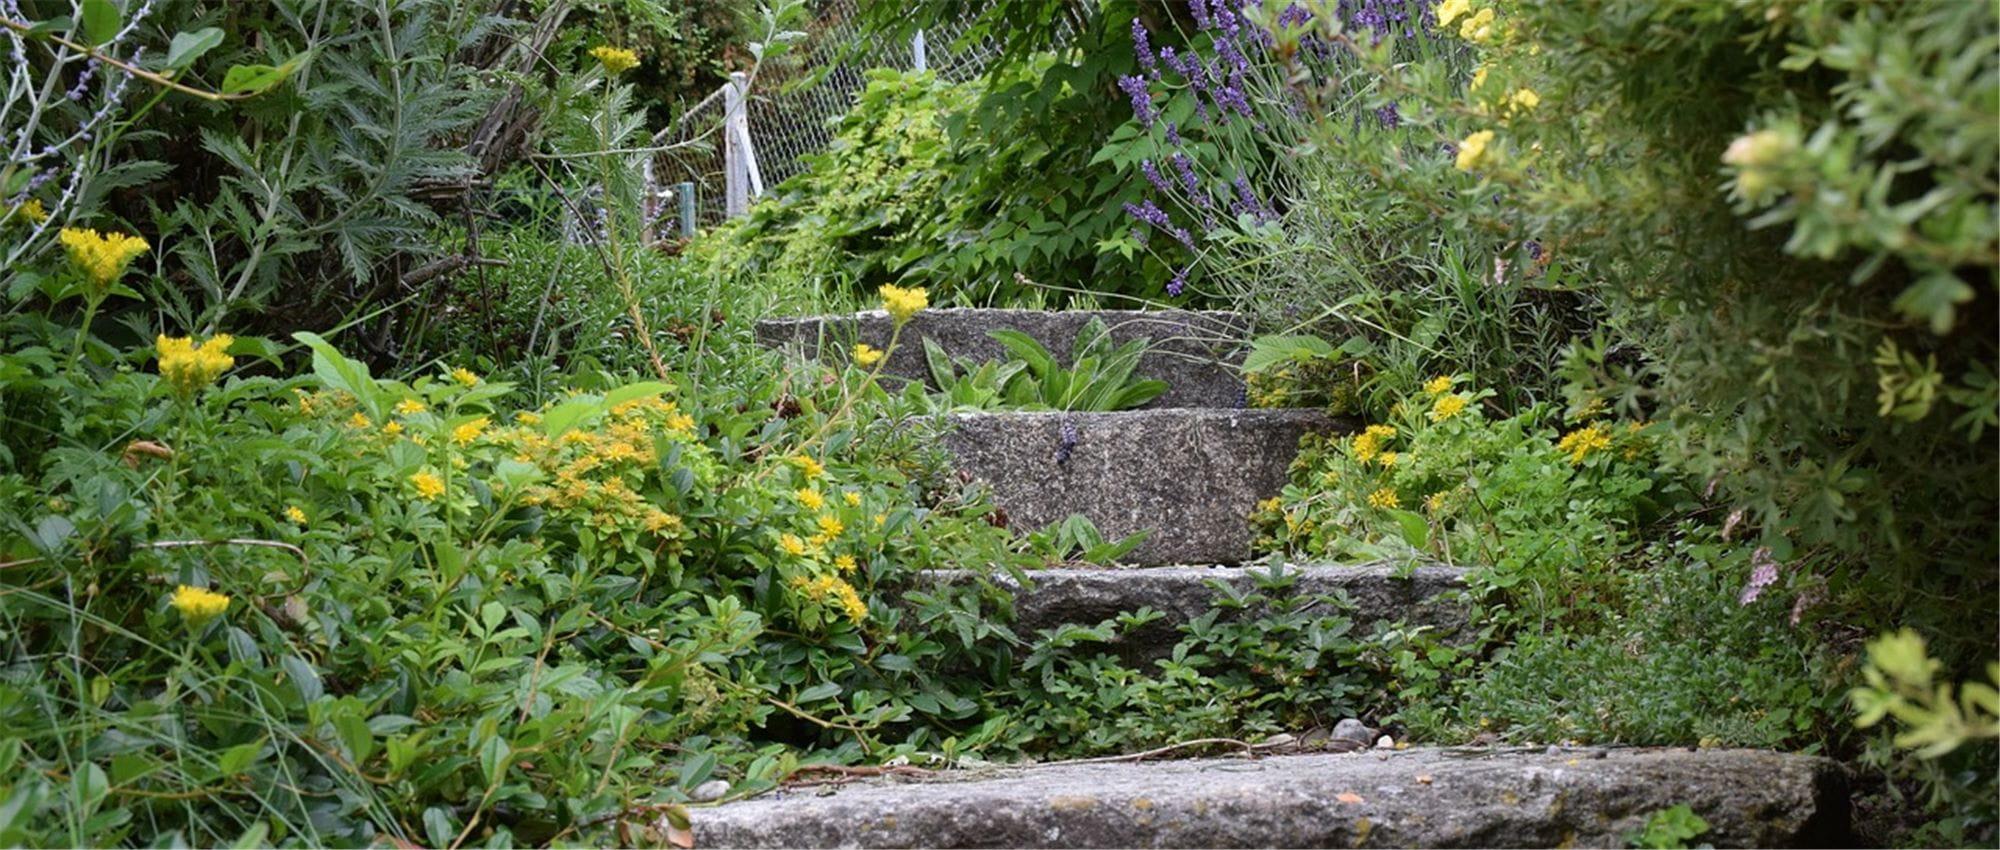 Jardin En Pente Comment Faire comment aménager un jardin en pente ? - gardena